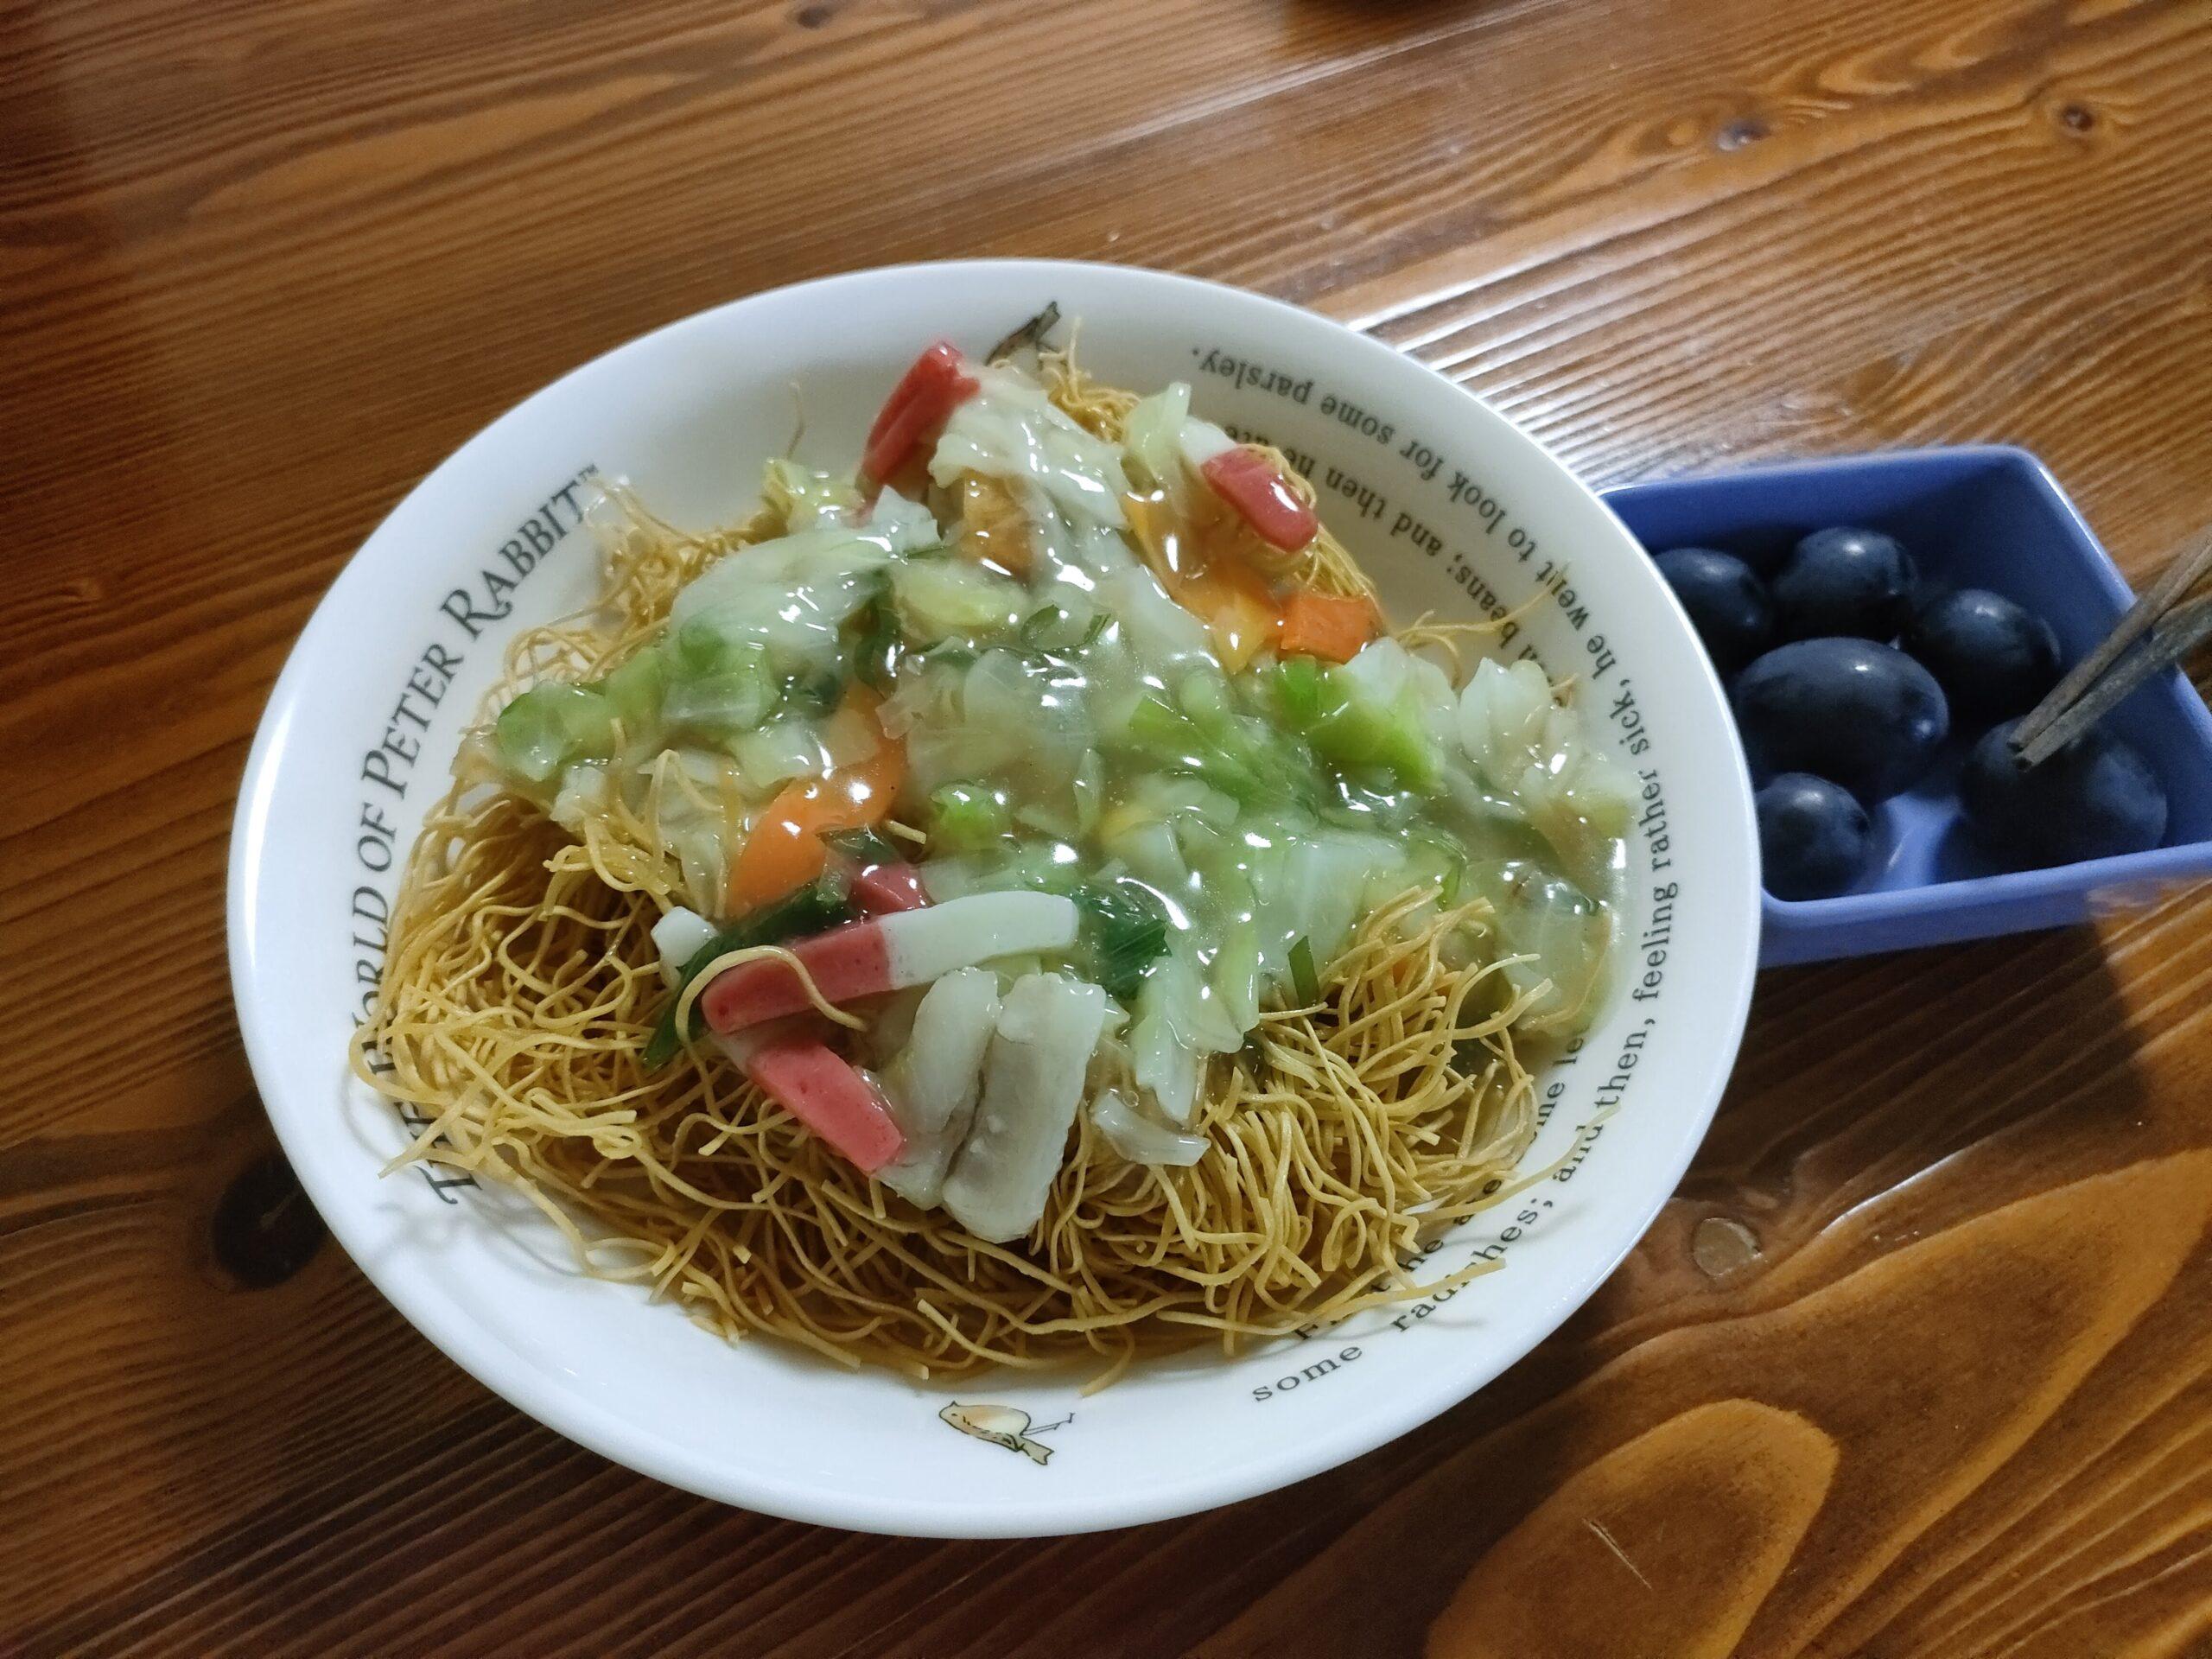 涼しい夏。関門トンネル人道を歩いた晩のご飯はリンガーハットの冷凍皿うどんでした。